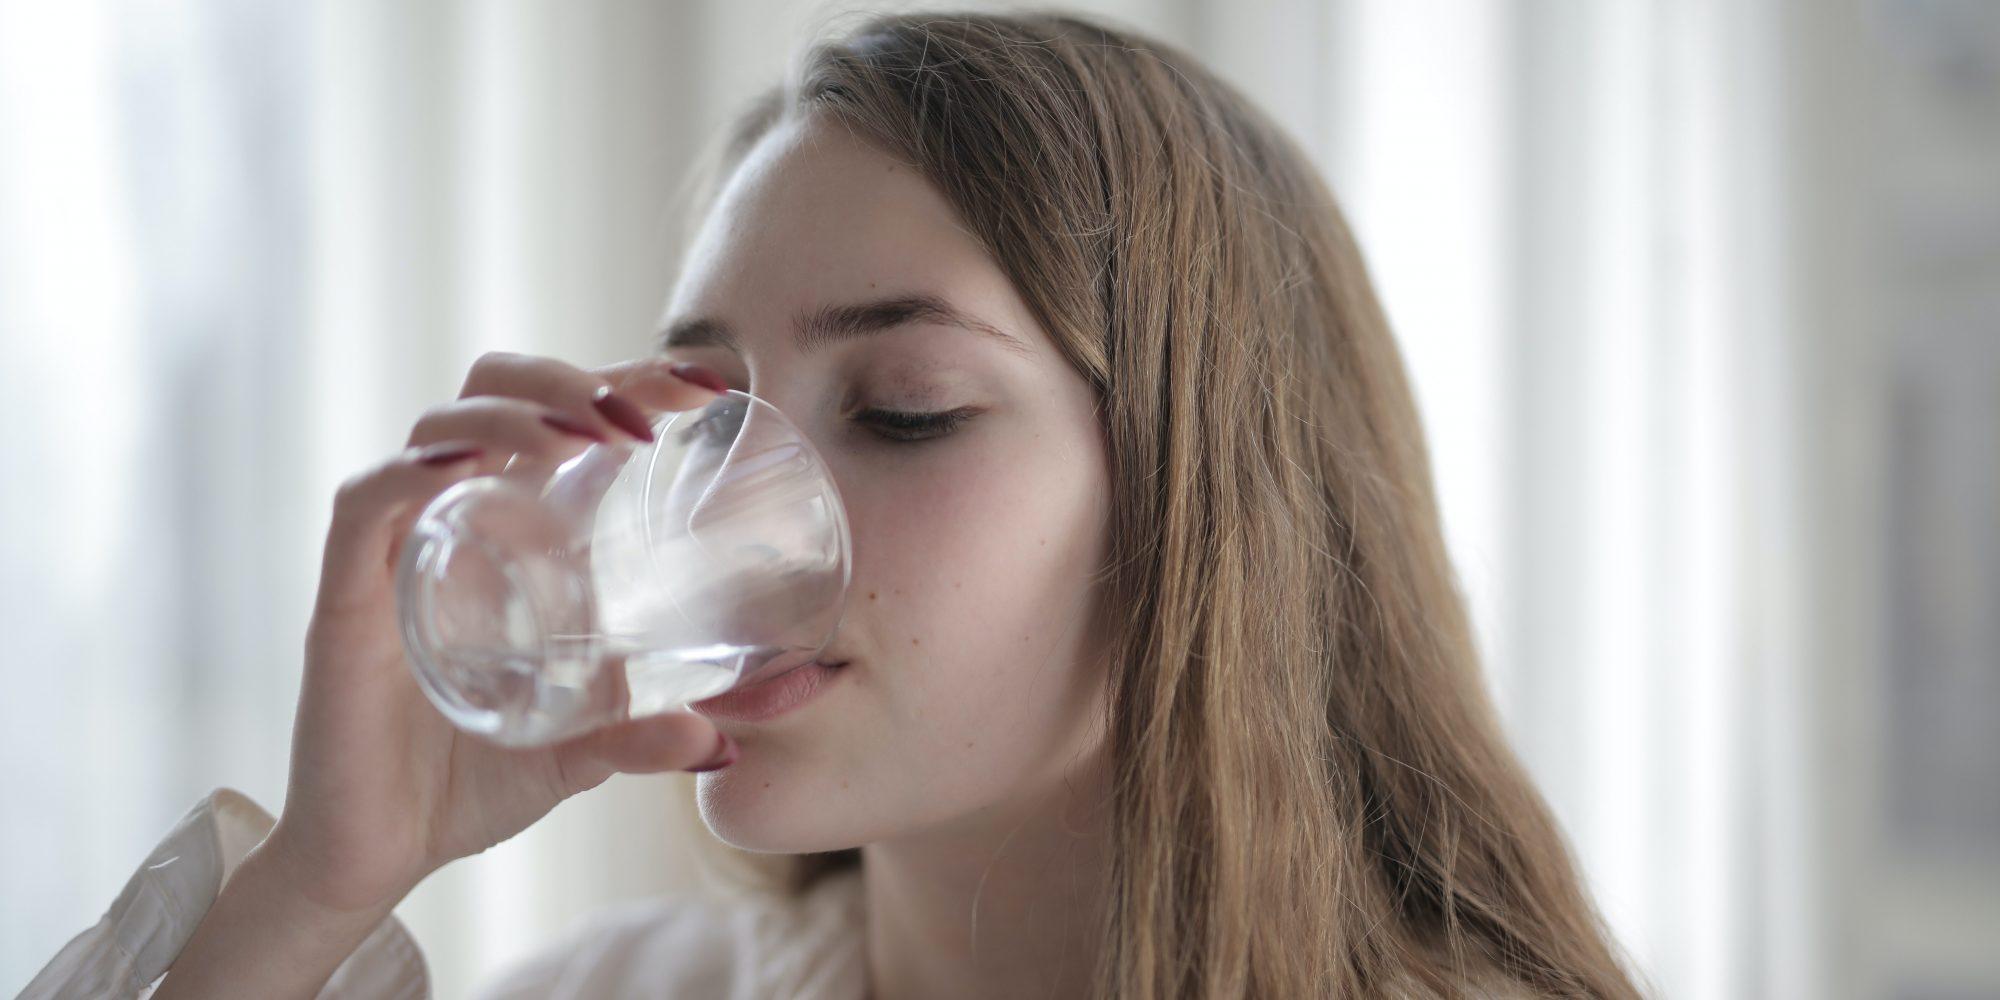 Πόσο νερό πρέπει να πίνεις κάθε μέρα; Το κόλπο για να το υπολογίσεις! Ξεχνάς να πιεις νερό, δεν ξέρεις πόσο πρέπει να πίνεις και πώς να πείσεις τον εαυτό σου να πίνει περισσότερο μέσα στην ημέρα. Δες εδώ όλα τα hacks και τα κόλπα που θα σε βοηθήσουν να καταναλώνεις περισσότερο H20!